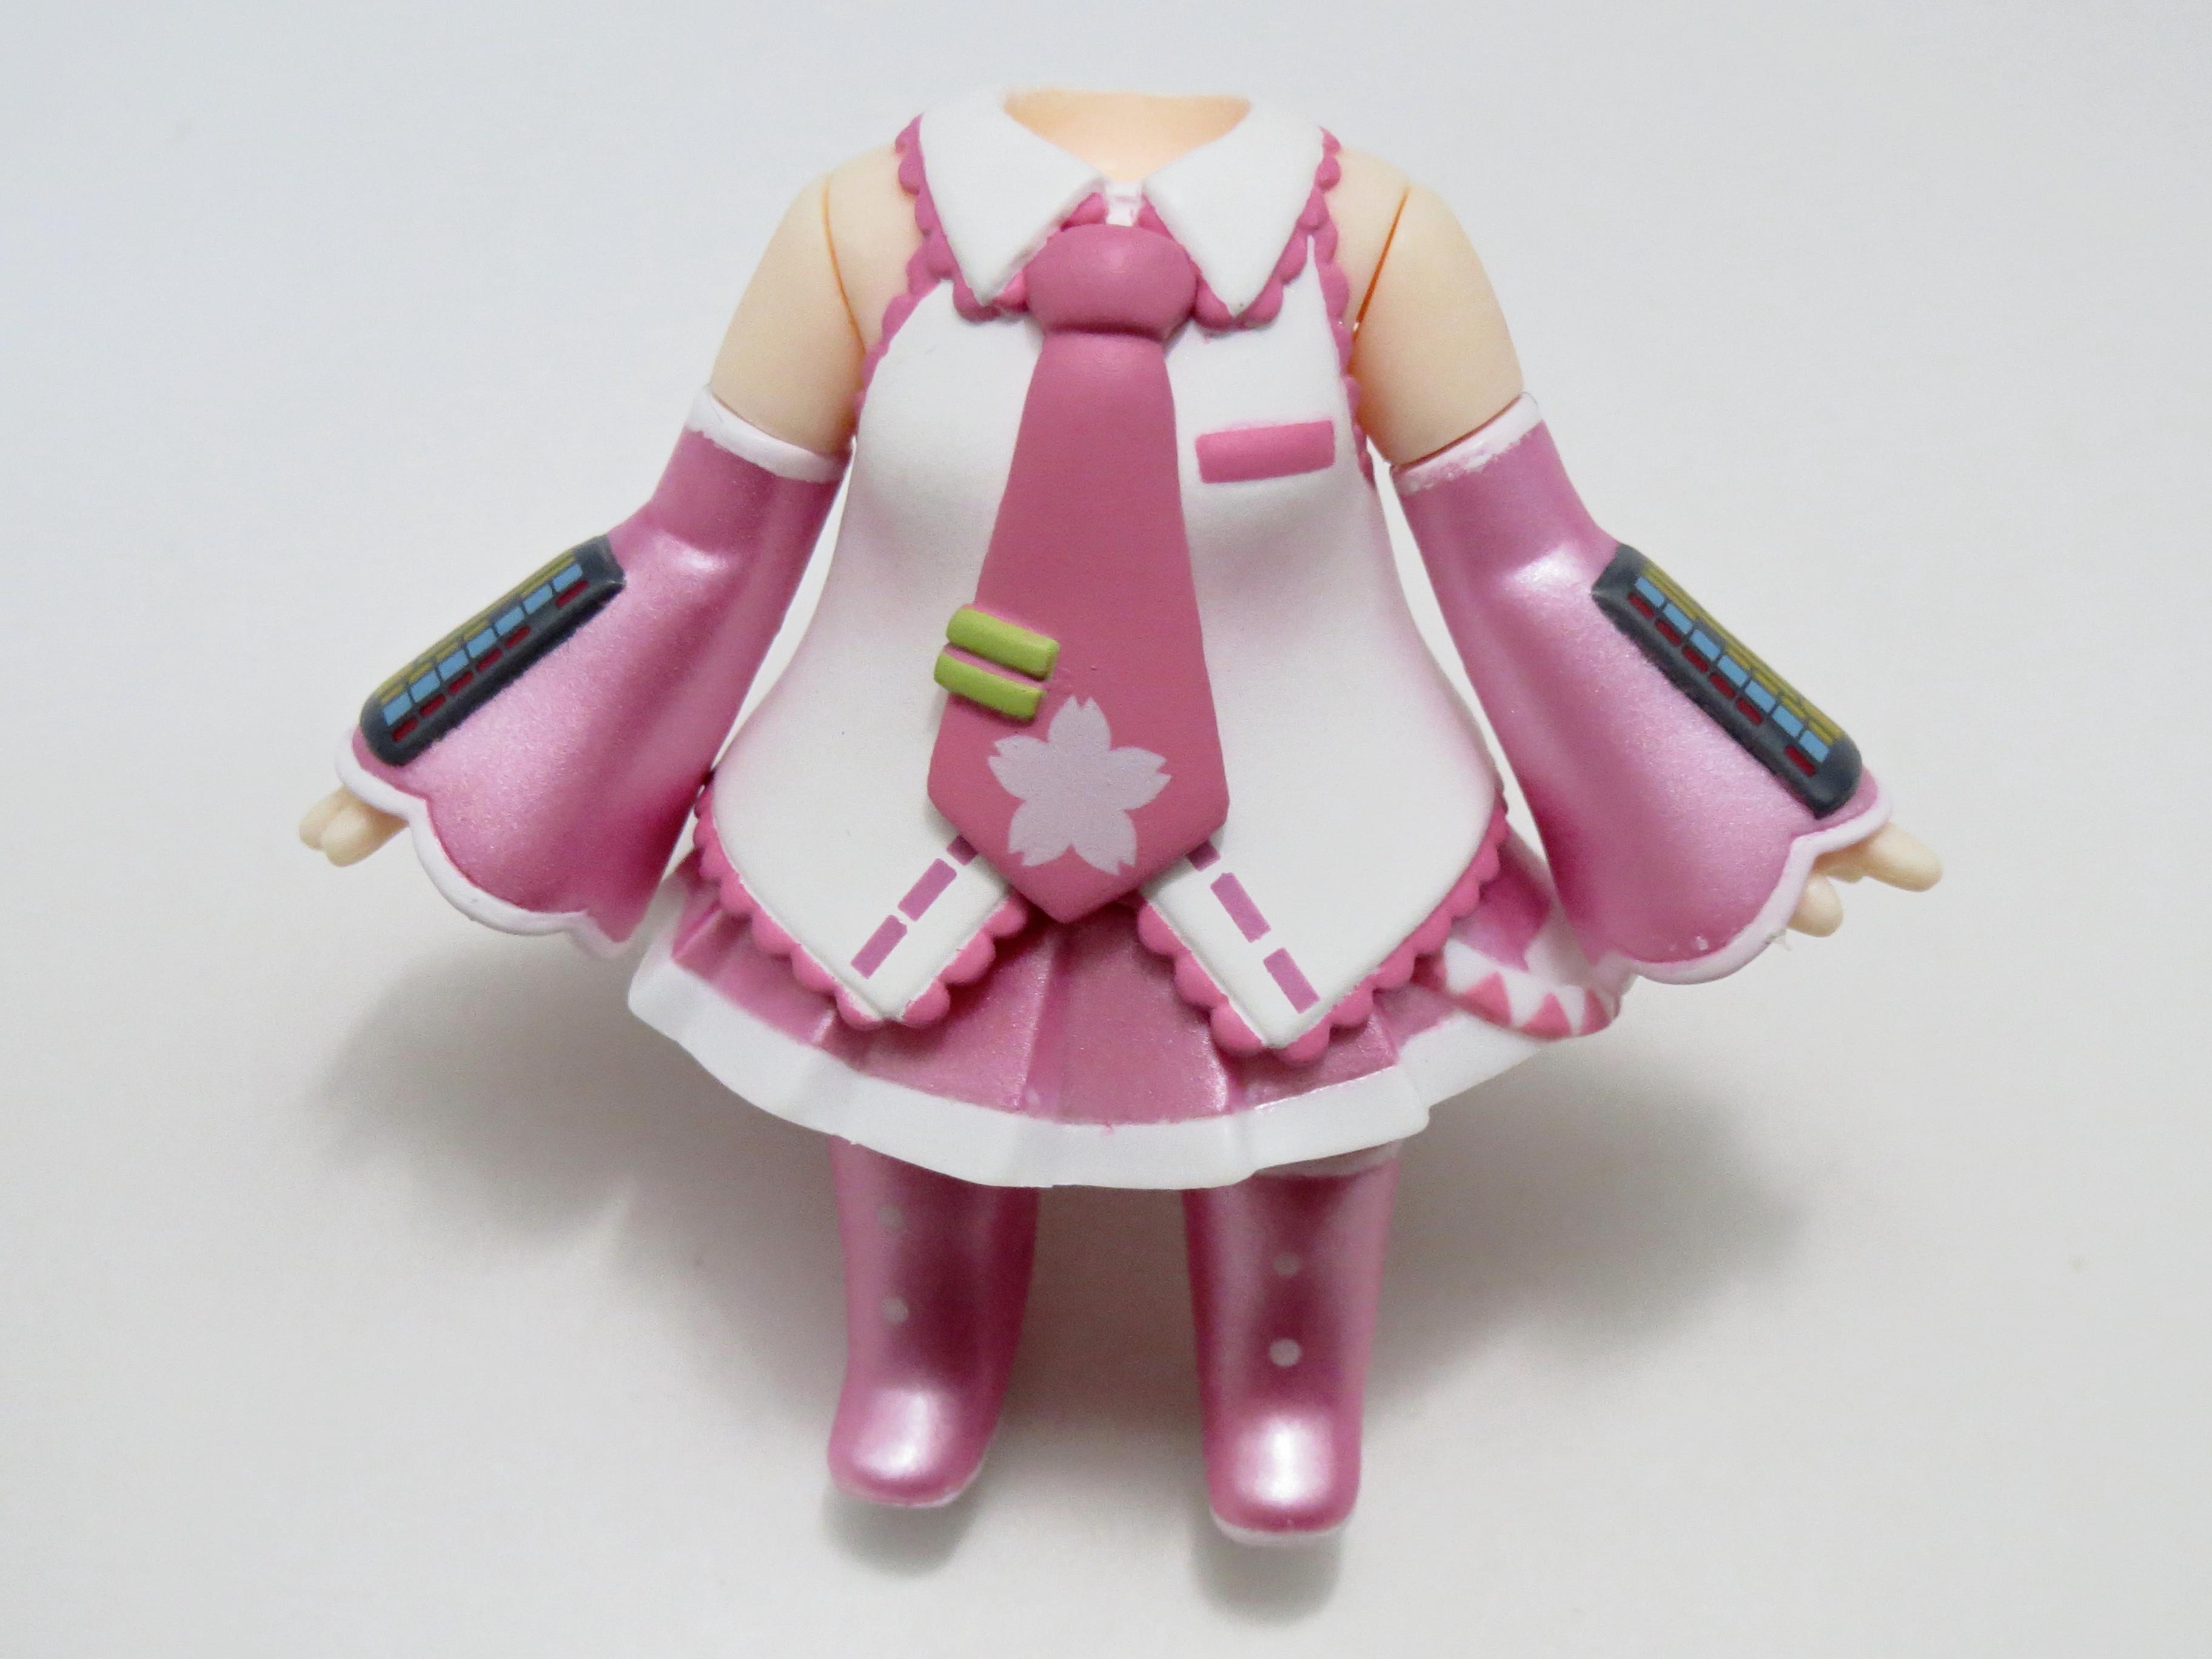 【SALE】【274】 桜ミク 体パーツ 桜ミク衣装 ねんどろいど